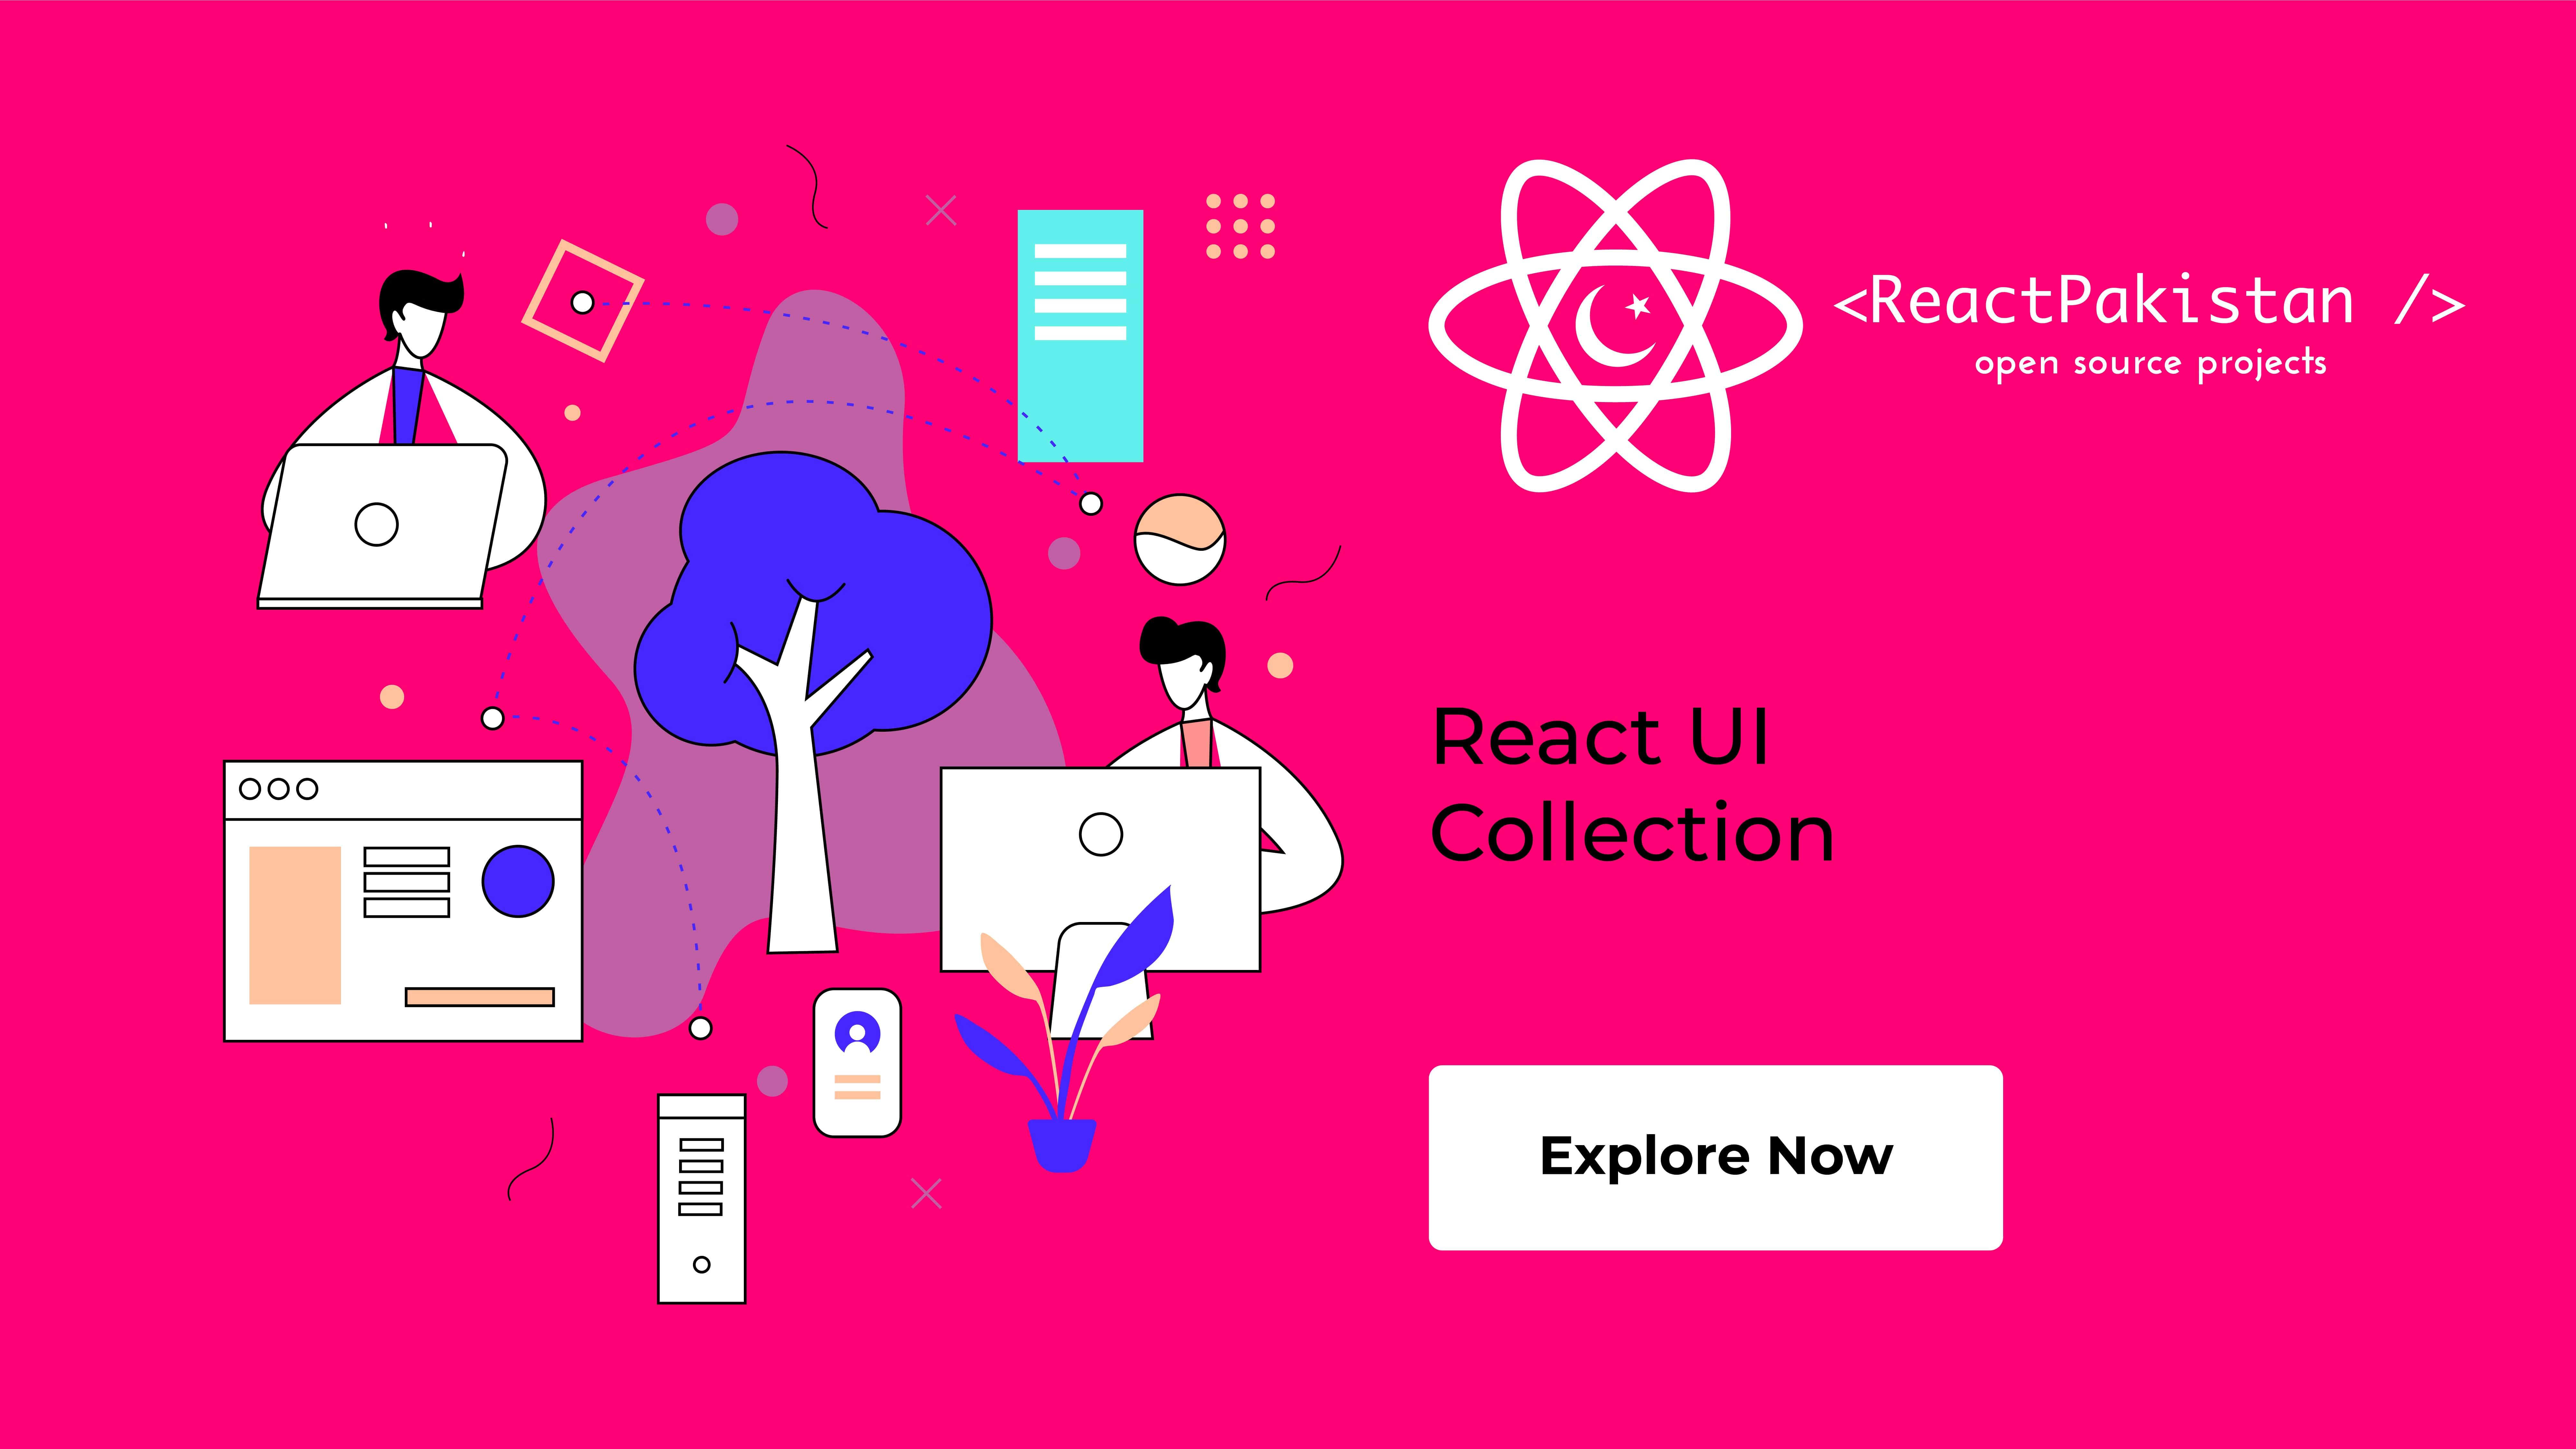 React Pakistan - React UI Collection